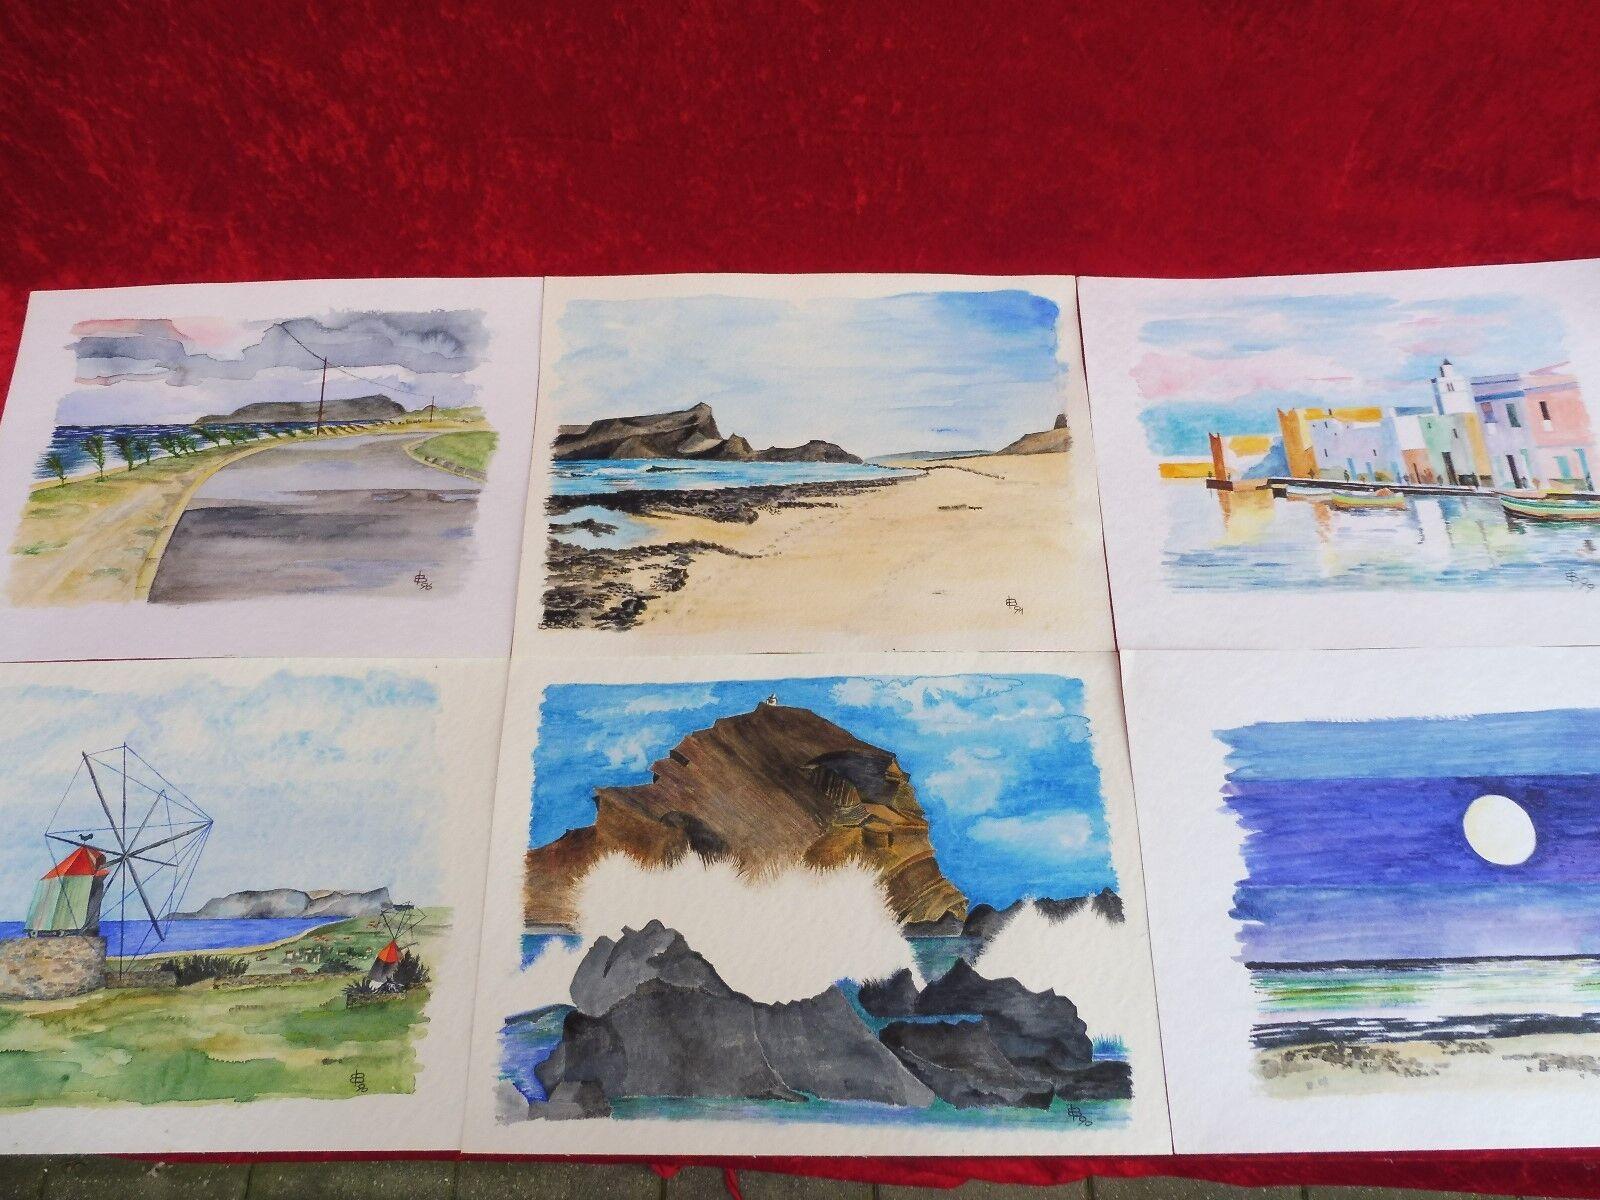 6 schöne , gemalte Bilder__Aquarelle __Landschaften...__signiert__